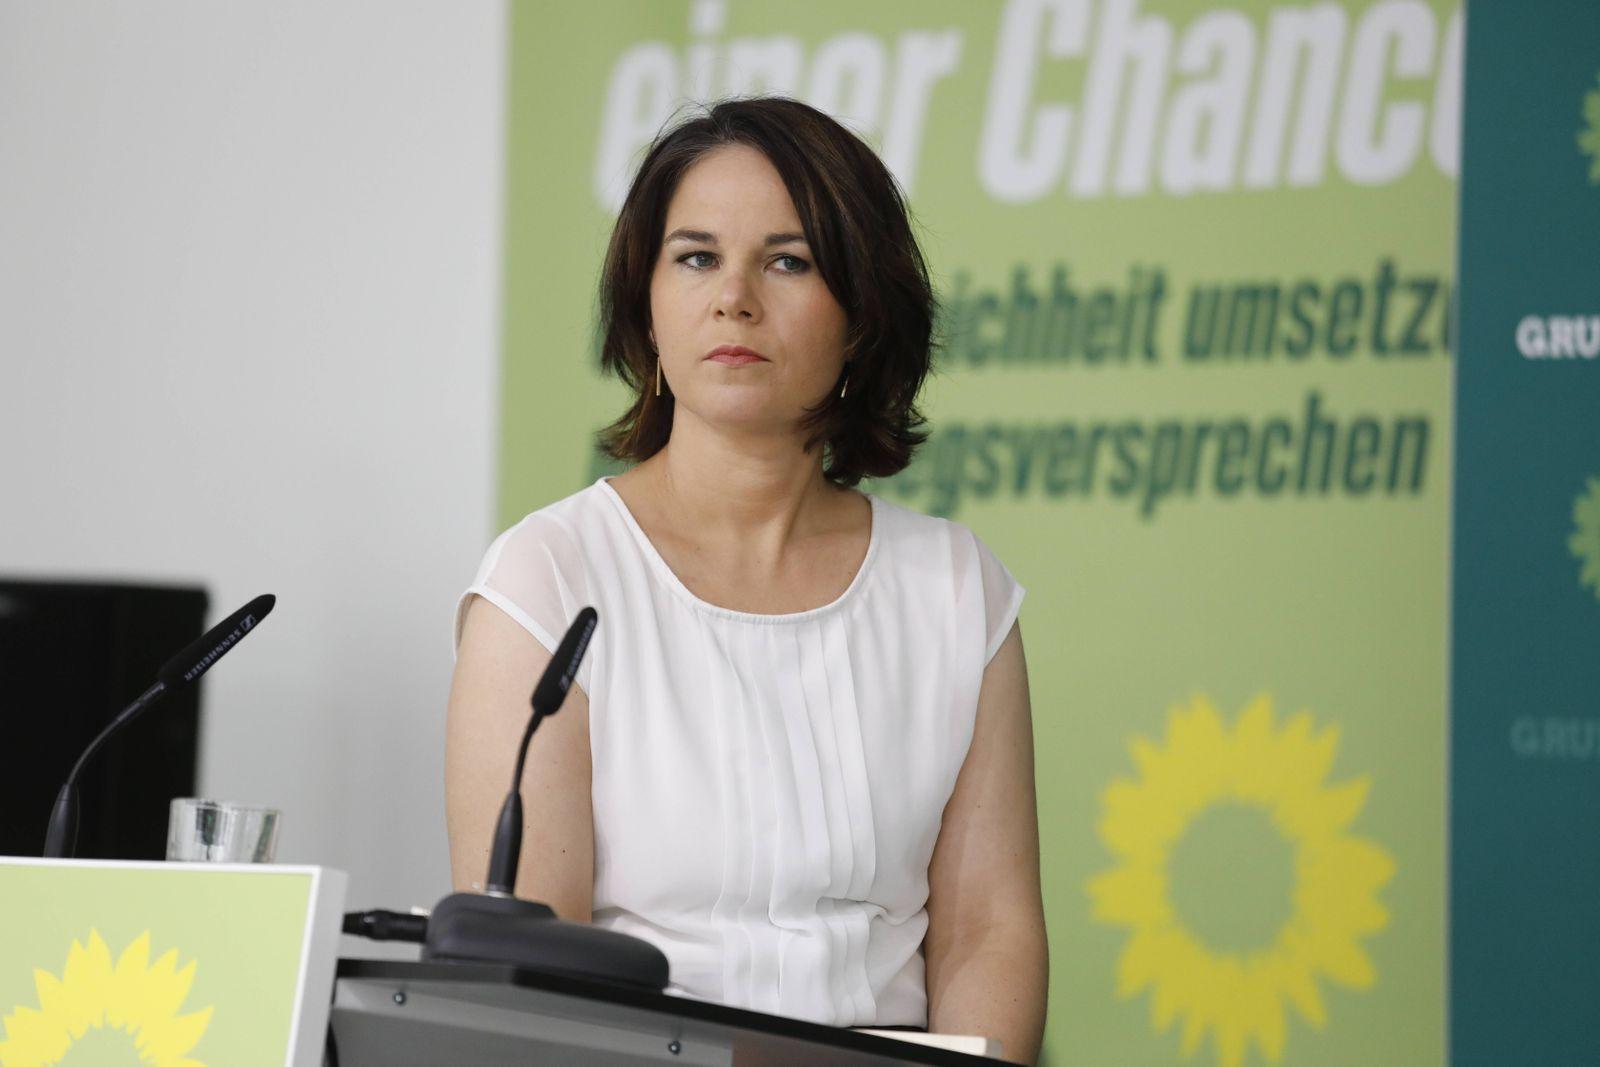 Annalena Baerbock, Kanzlerkandidatin und Bundesvorsitzende von BÜNDNIS 90/DIE GRÜNEN, Deutschland, Berlin, digitale Pres